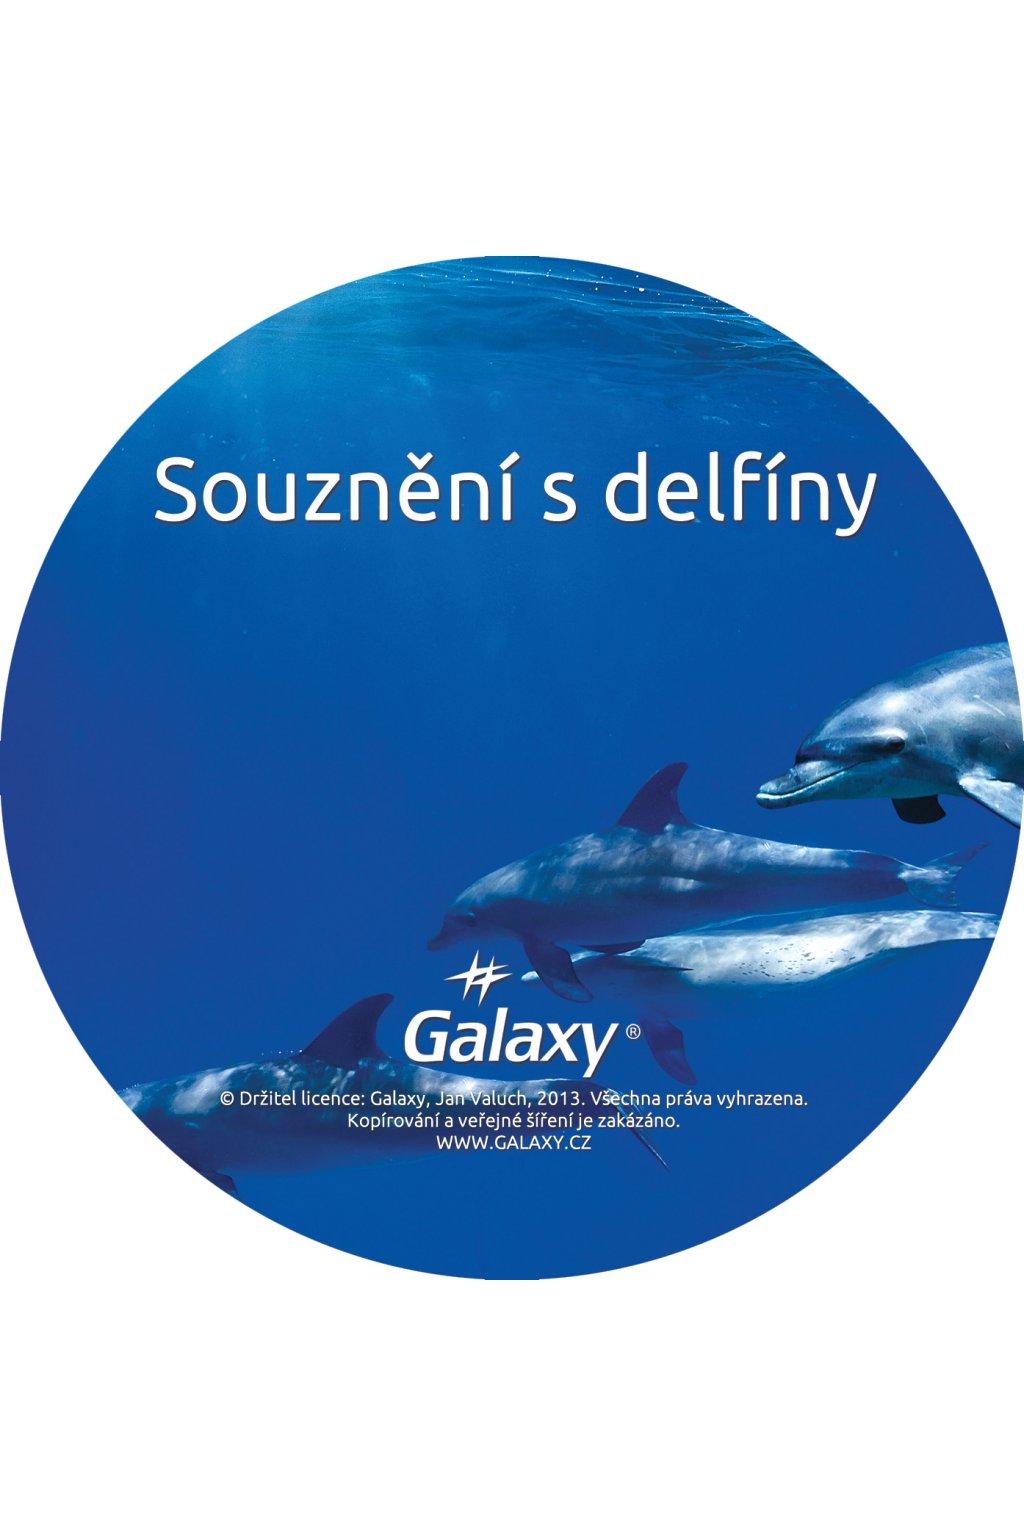 souzneni s delfiny disk